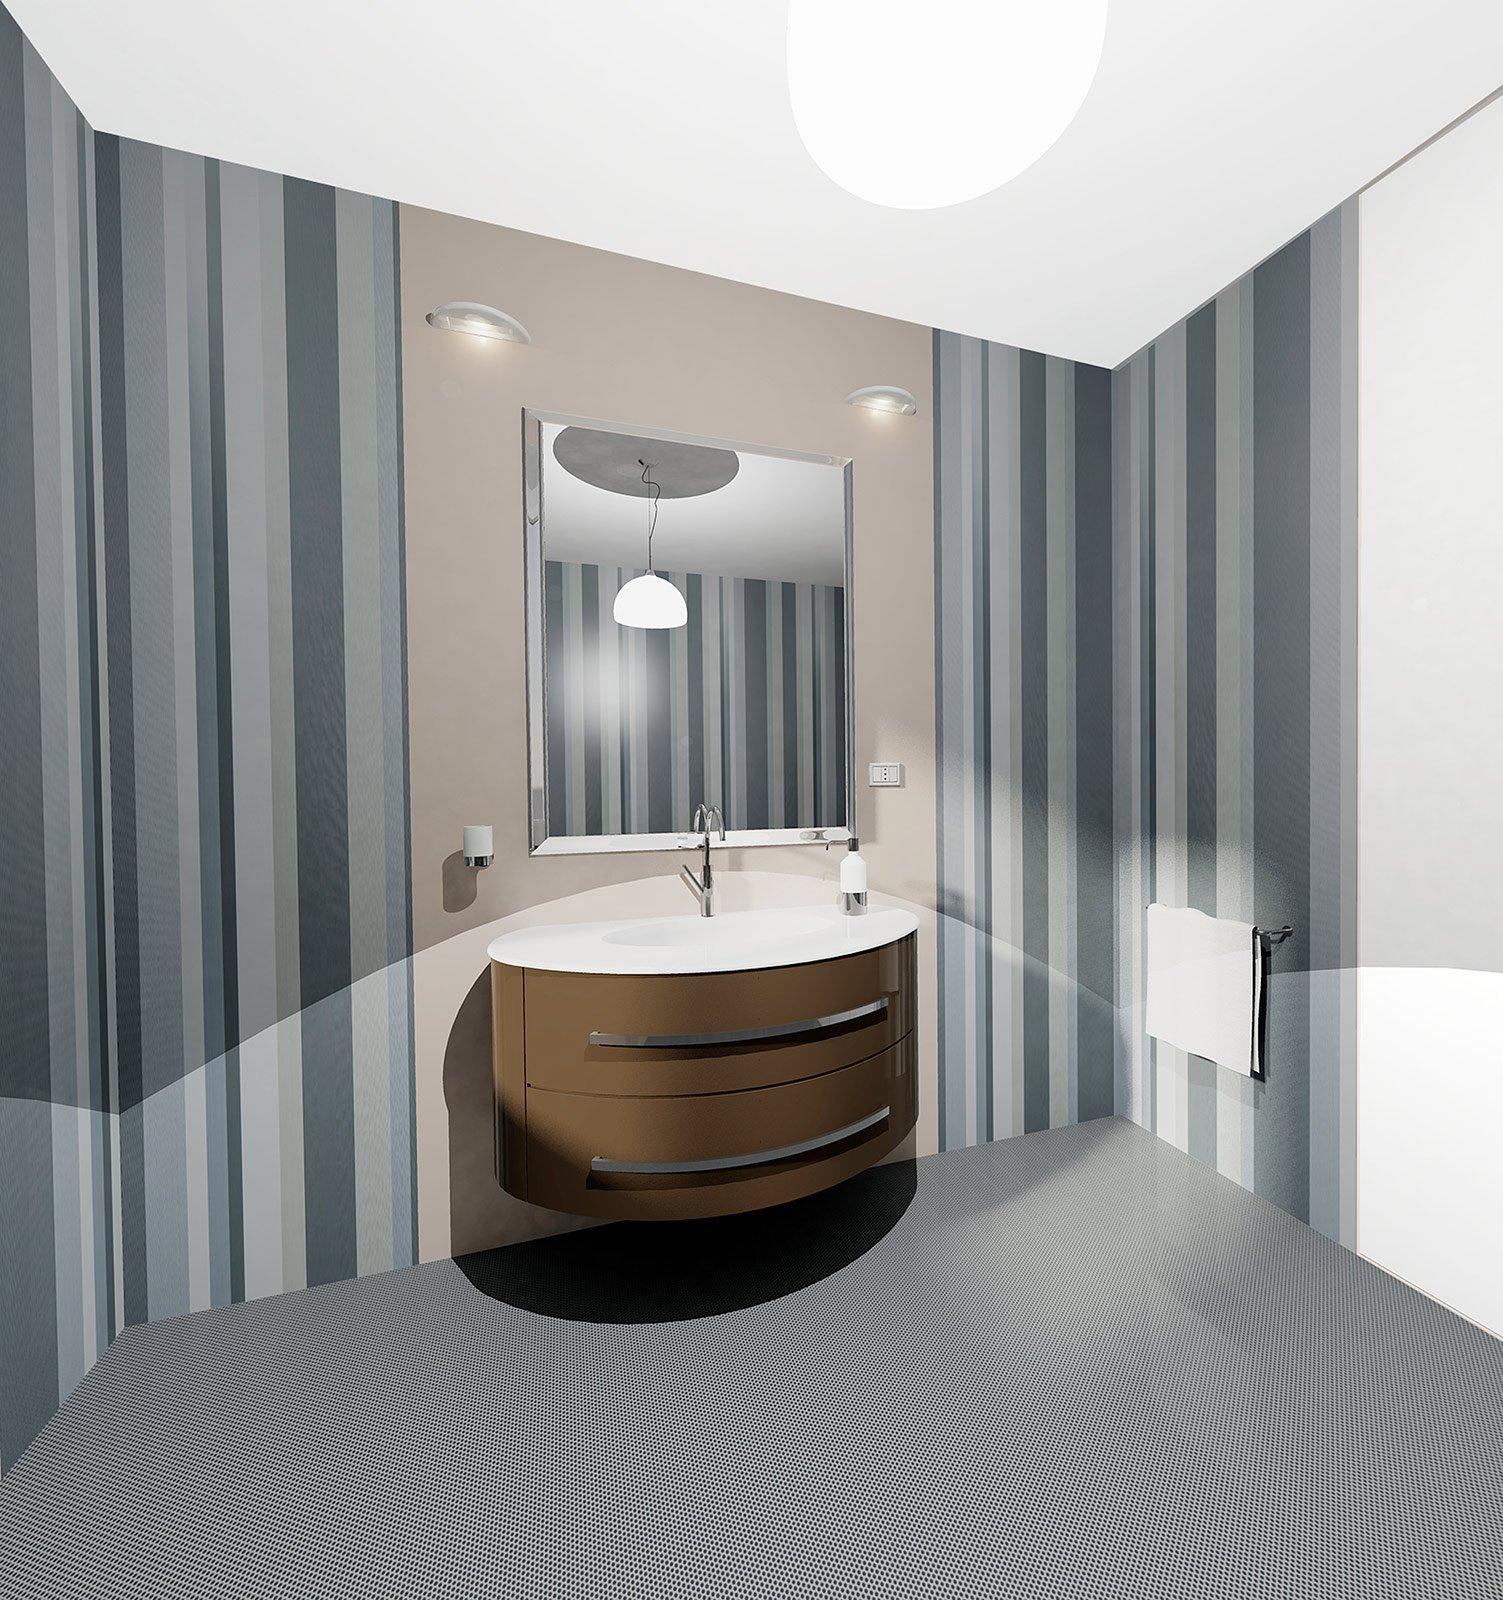 Scegliere i rivestimenti per pareti e pavimenti cose di casa - Finitura piastrelle bagno ...